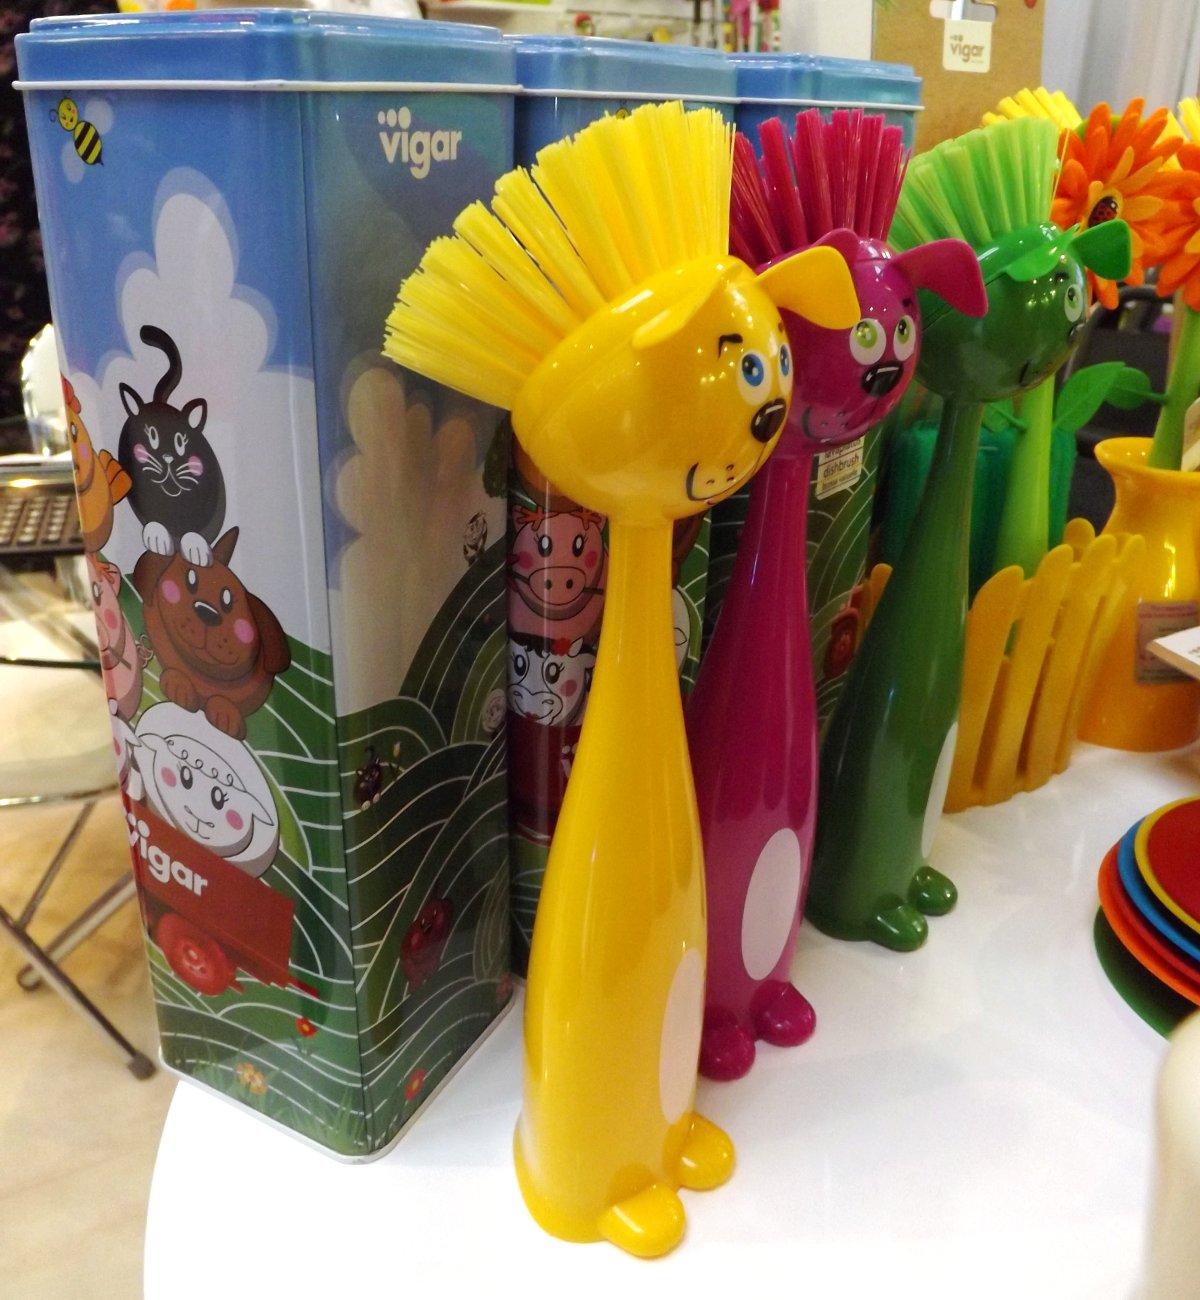 Щётки в форме стилизованных образов собак на экспозиции бренда Vigar во время выставки HouseHoldExpo 2015